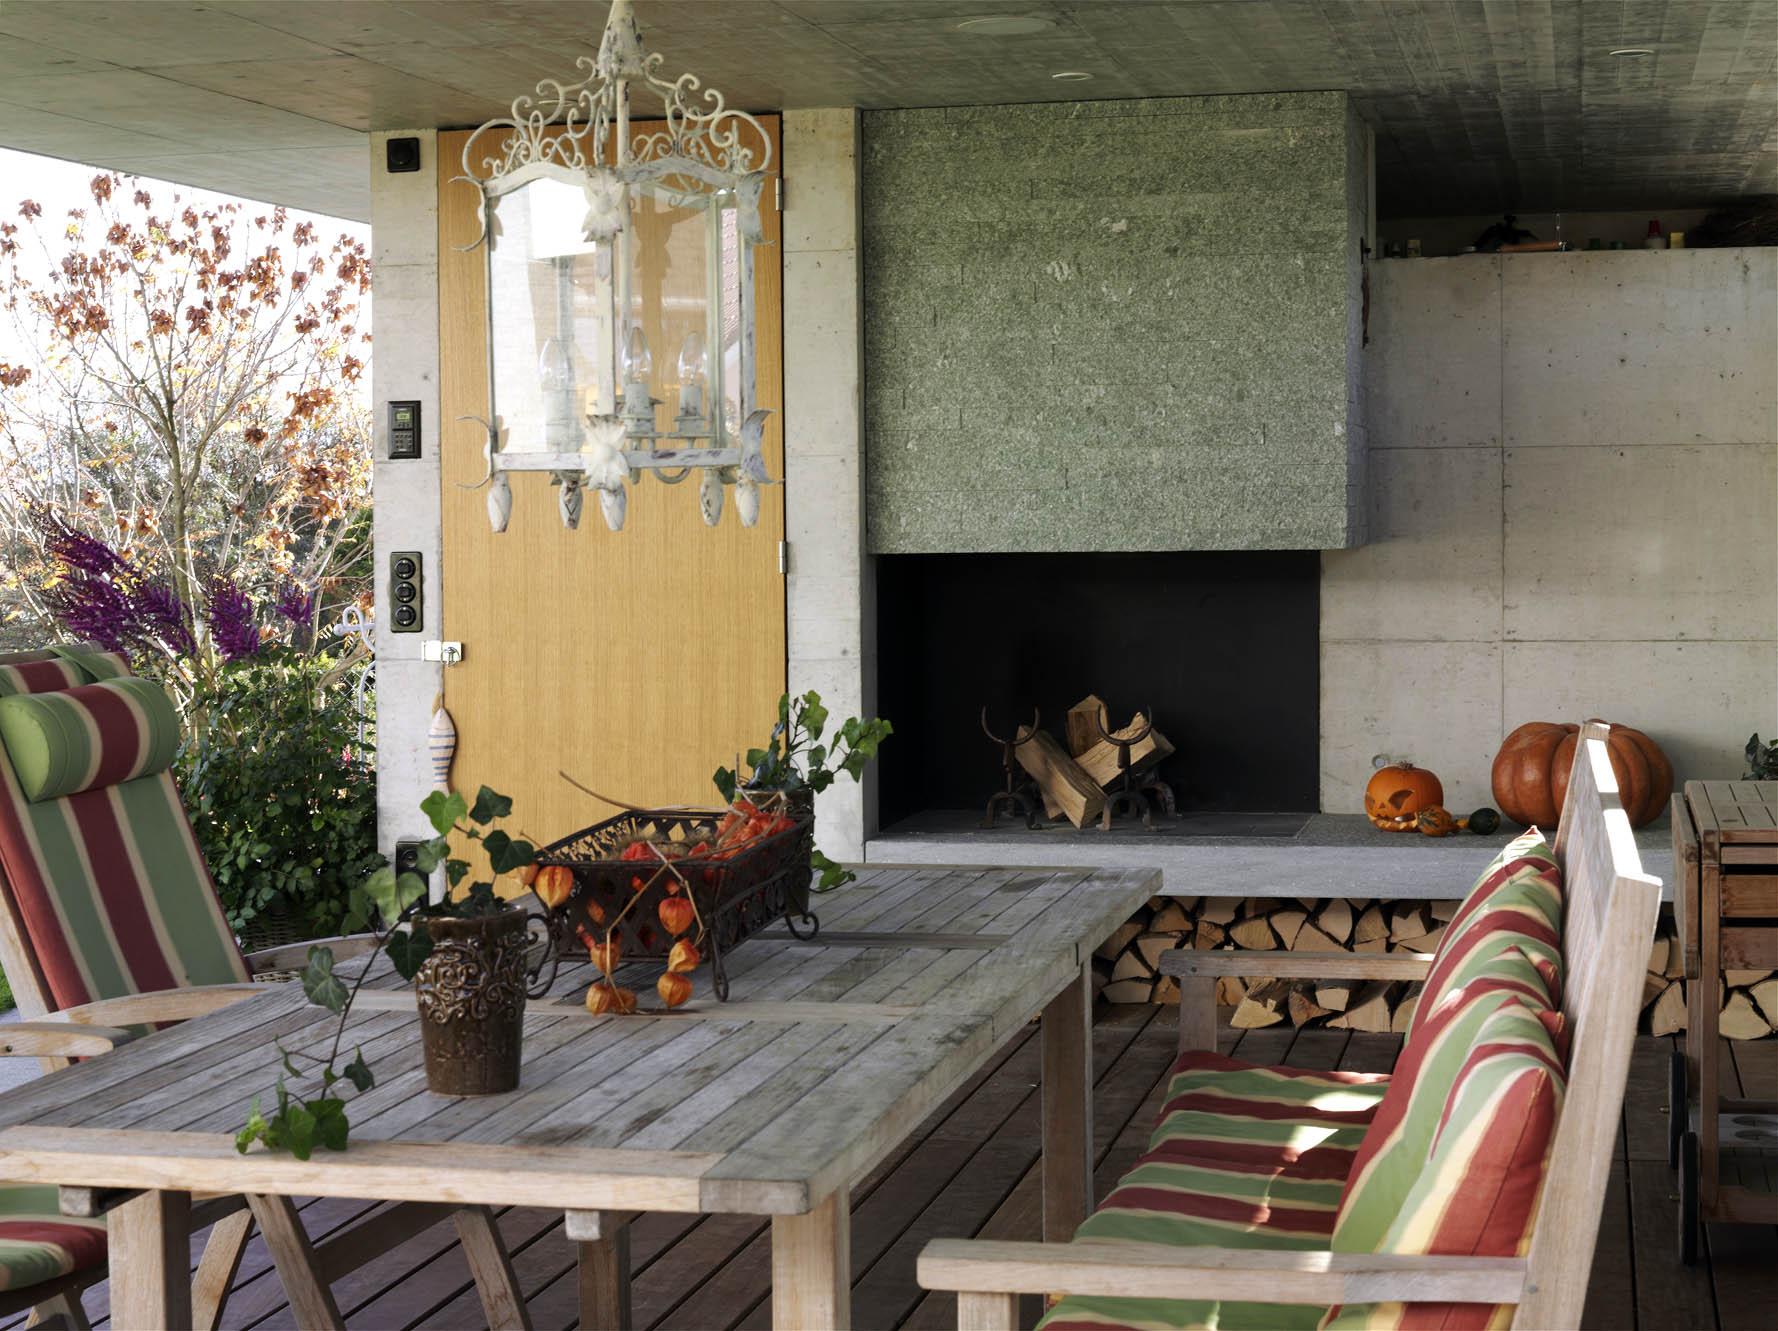 Das Cheminée in Naturstein wirkt wohnlich und schön.